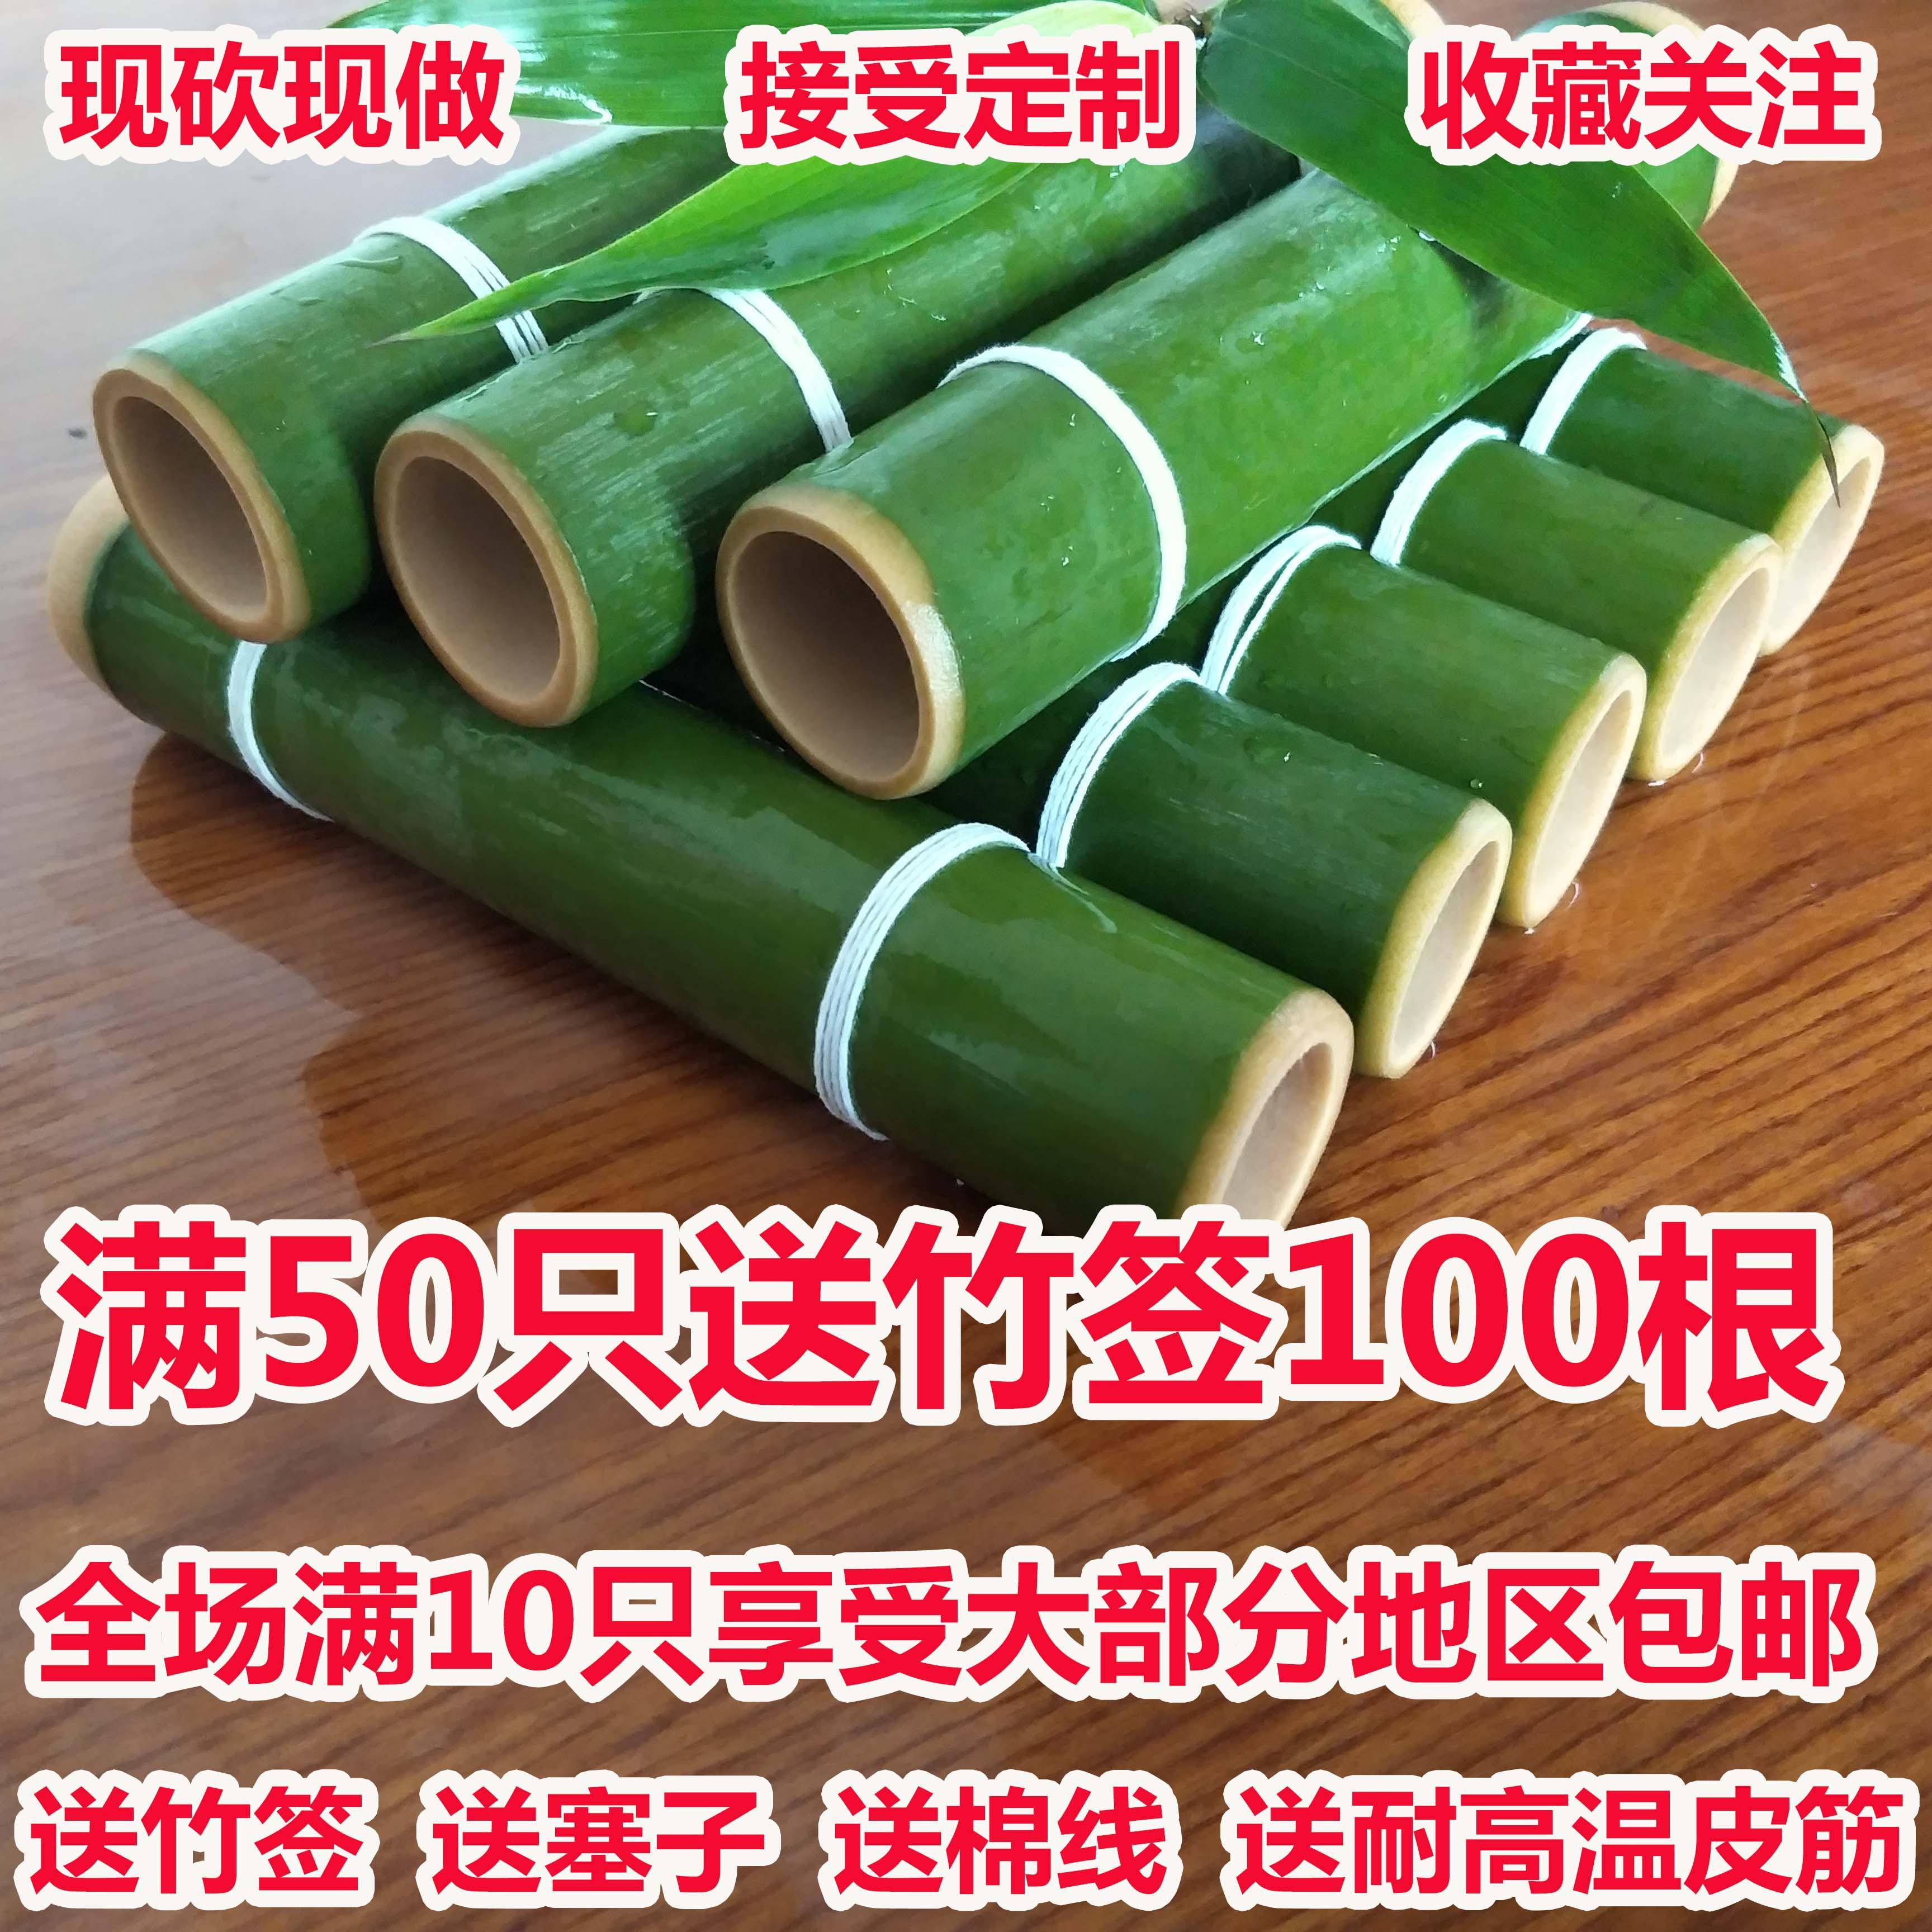 Бамбуковые пельмени открывают бамбук из бамбуковых бамбуковых пельменей из бамбукового бамбука. только бесплатная доставка по китаю